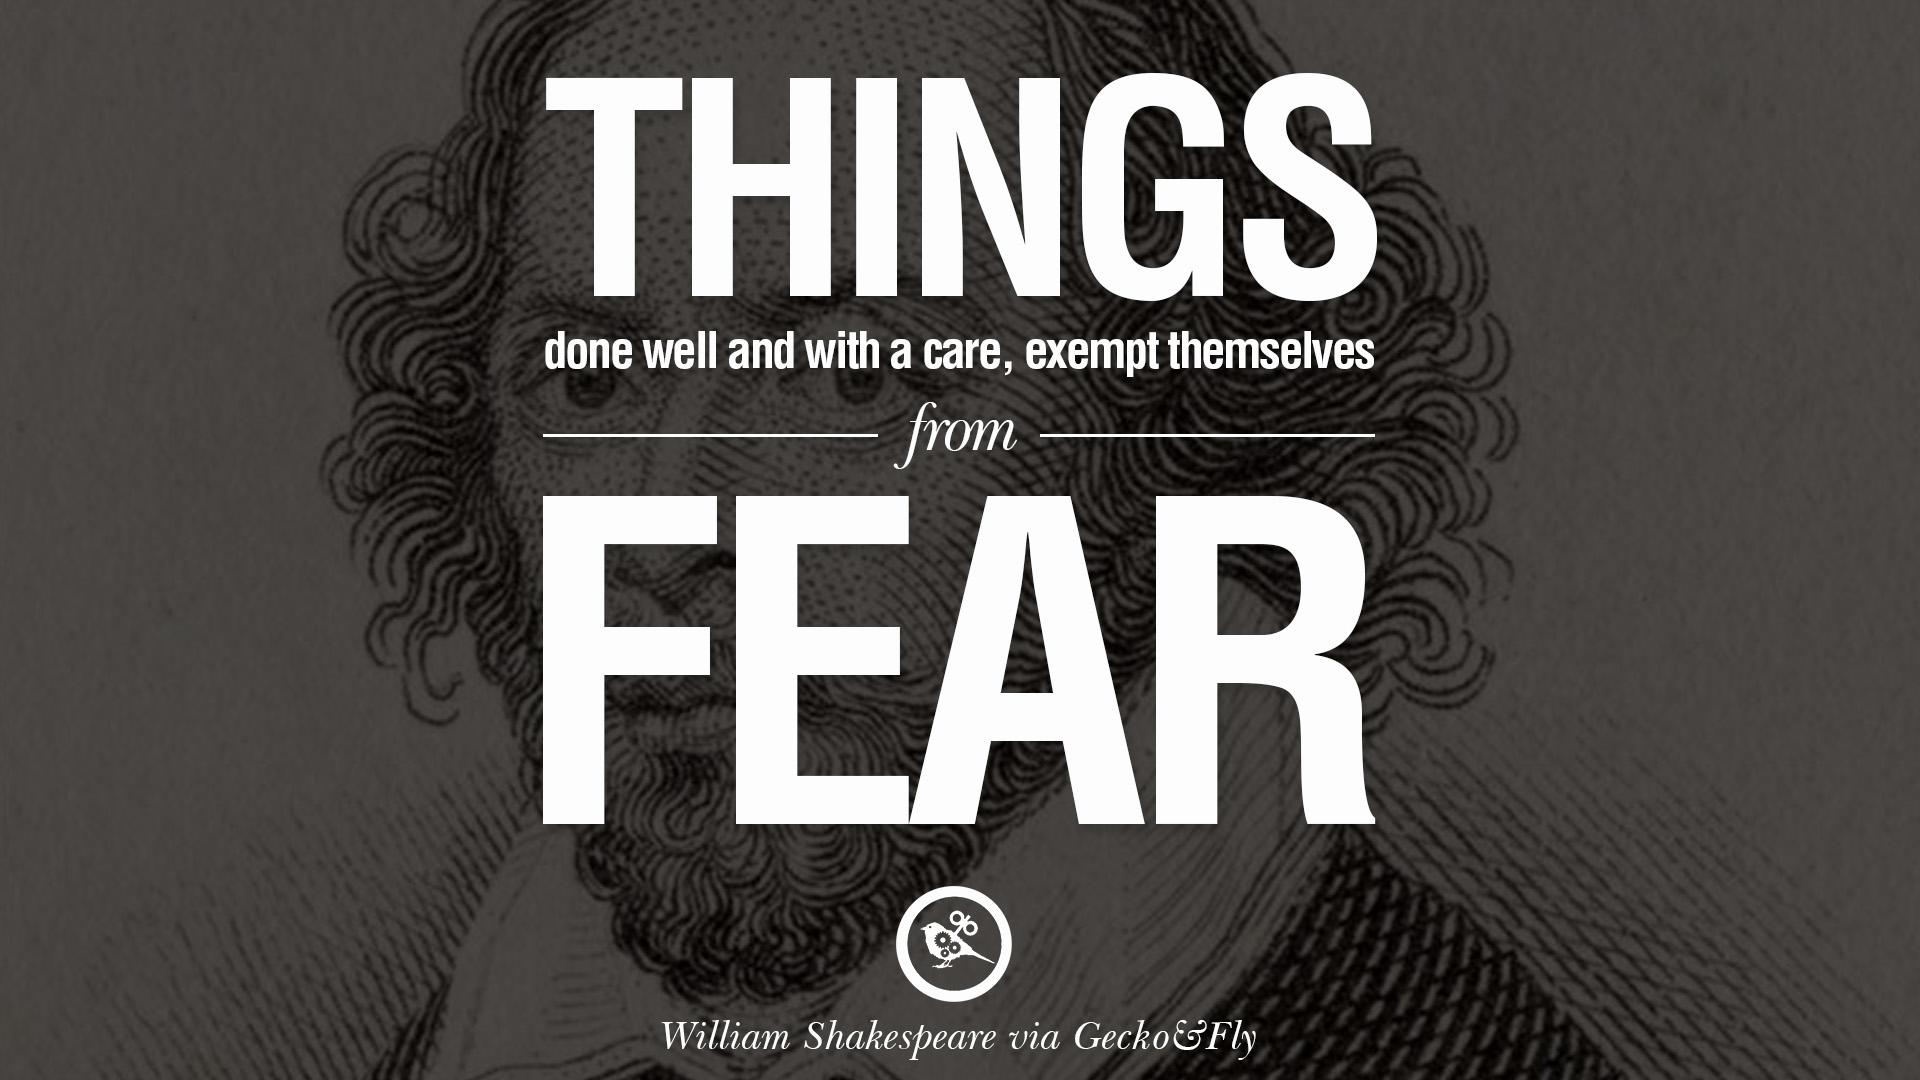 william shakespeare quotes on life quotesgram